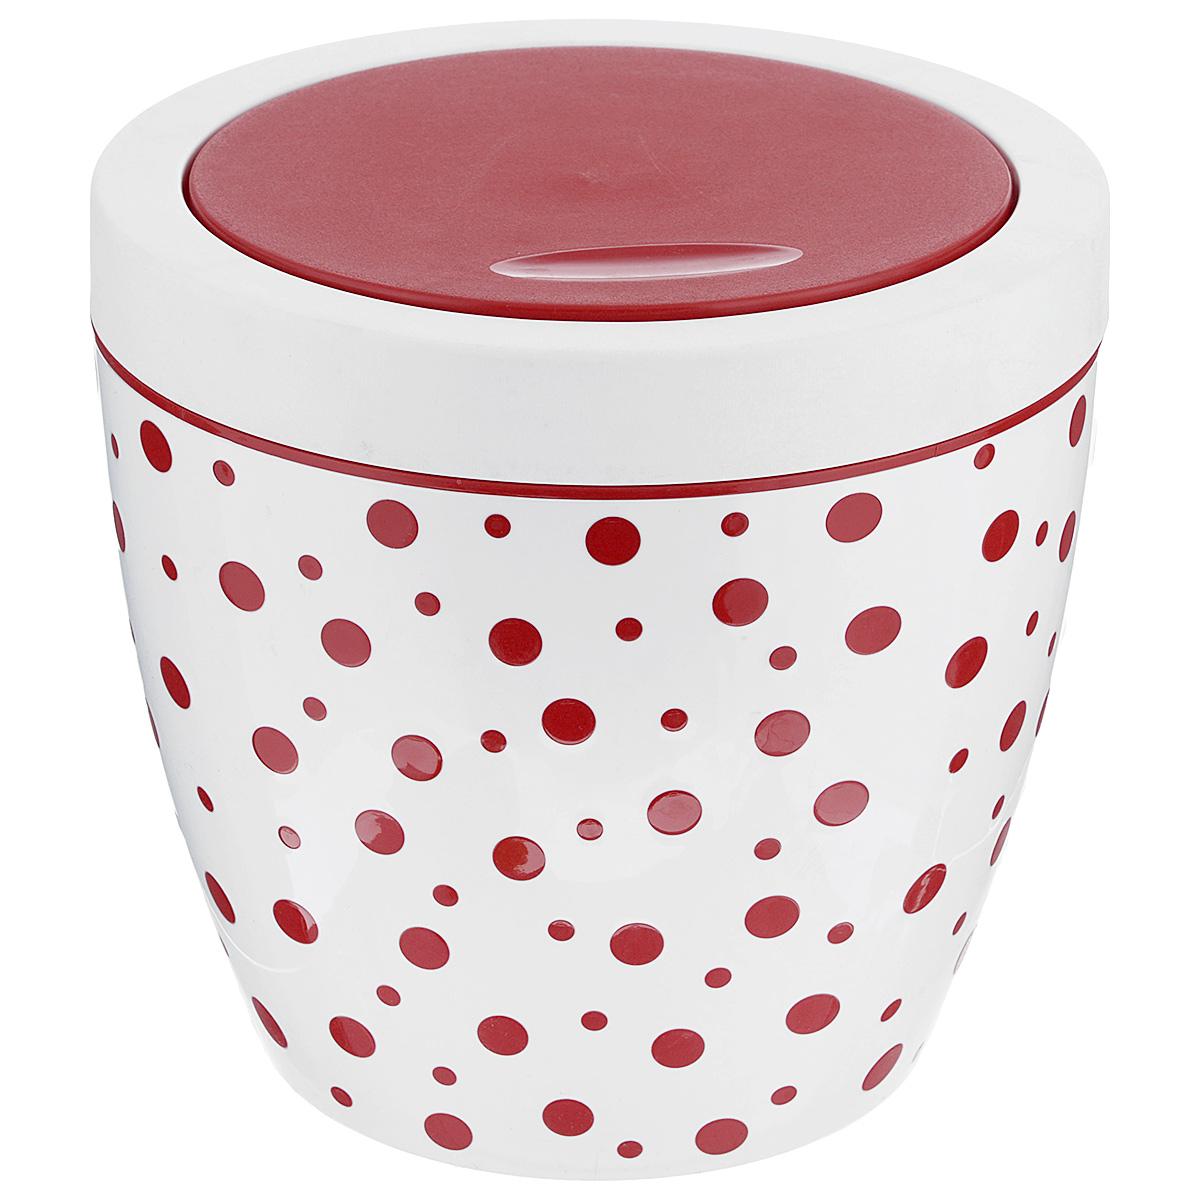 Контейнер для мусора Альтернатива Горошек, цвет: красный, белый, 7 лМ4345Контейнер для мусора Альтернатива Горошек изготовлен из прочного пластика. Внешние стенки оформлены принтом в горошек. Контейнер снабжен удобной поворачивающейся крышкой, прекрасно подходит для мусора. Такое изделие пригодится и дома, и в офисе. Стильный дизайн сделает его прекрасным украшением интерьера.